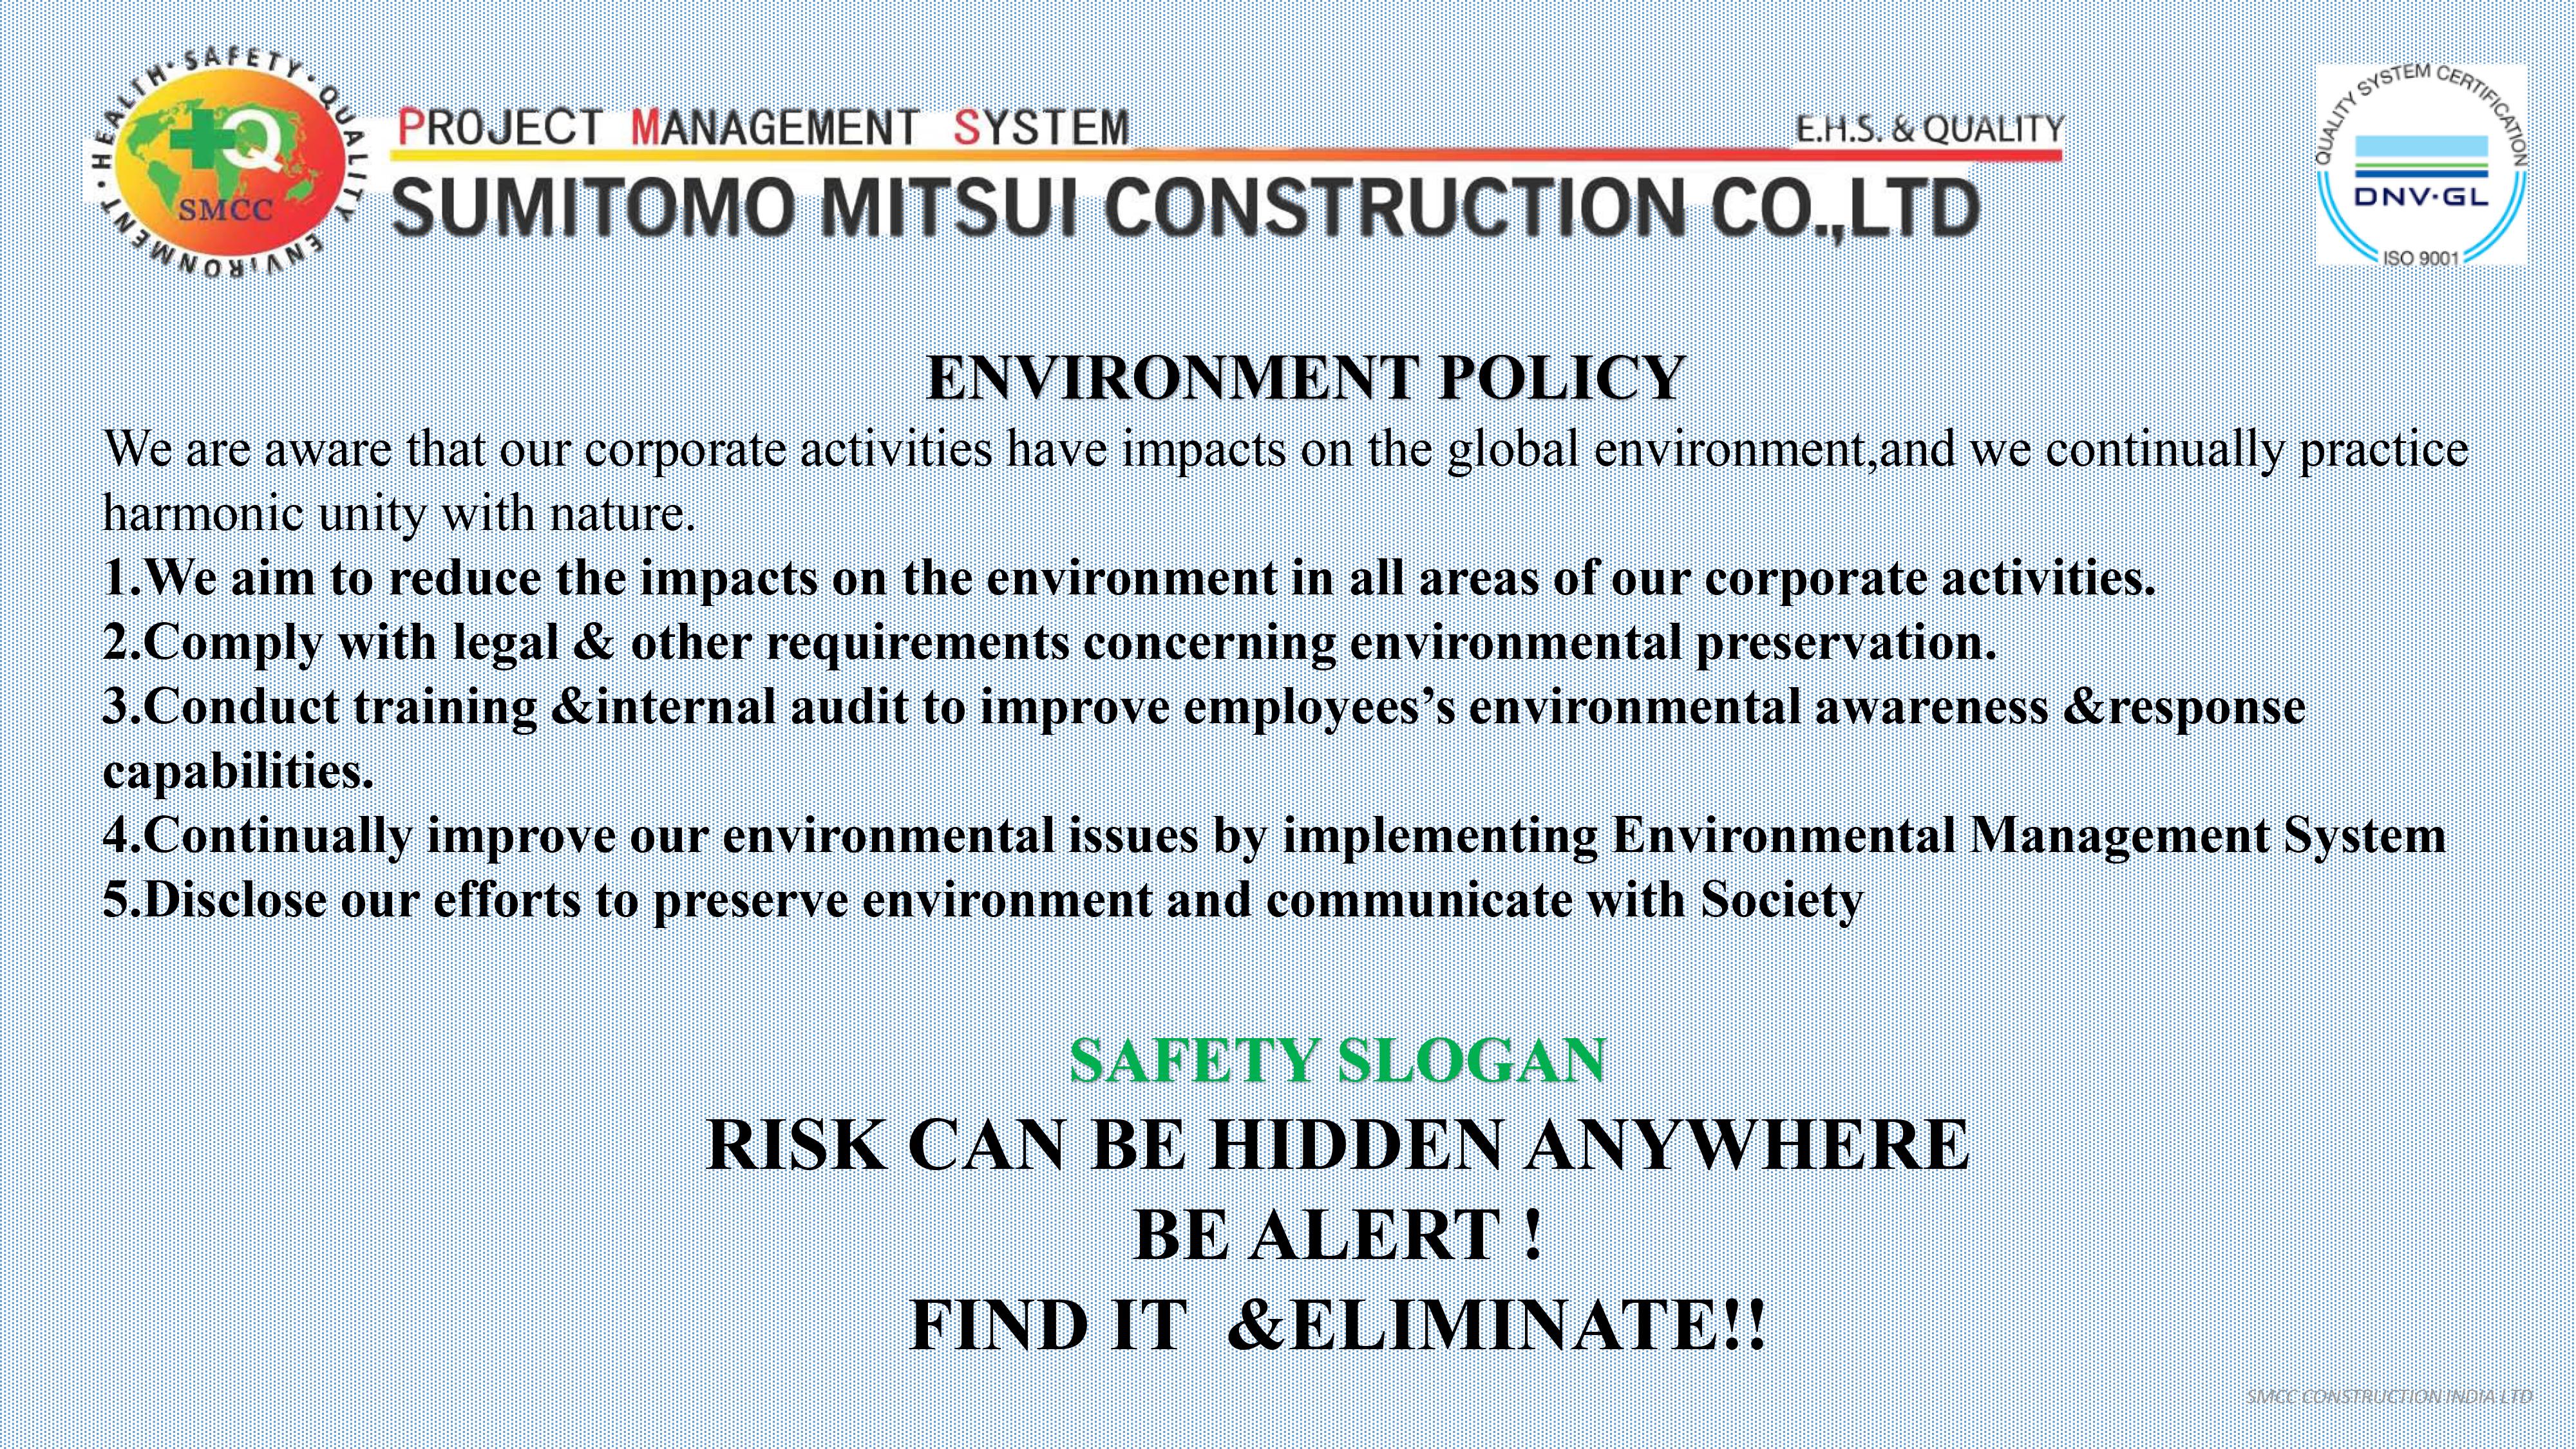 SMCC Construction PMS